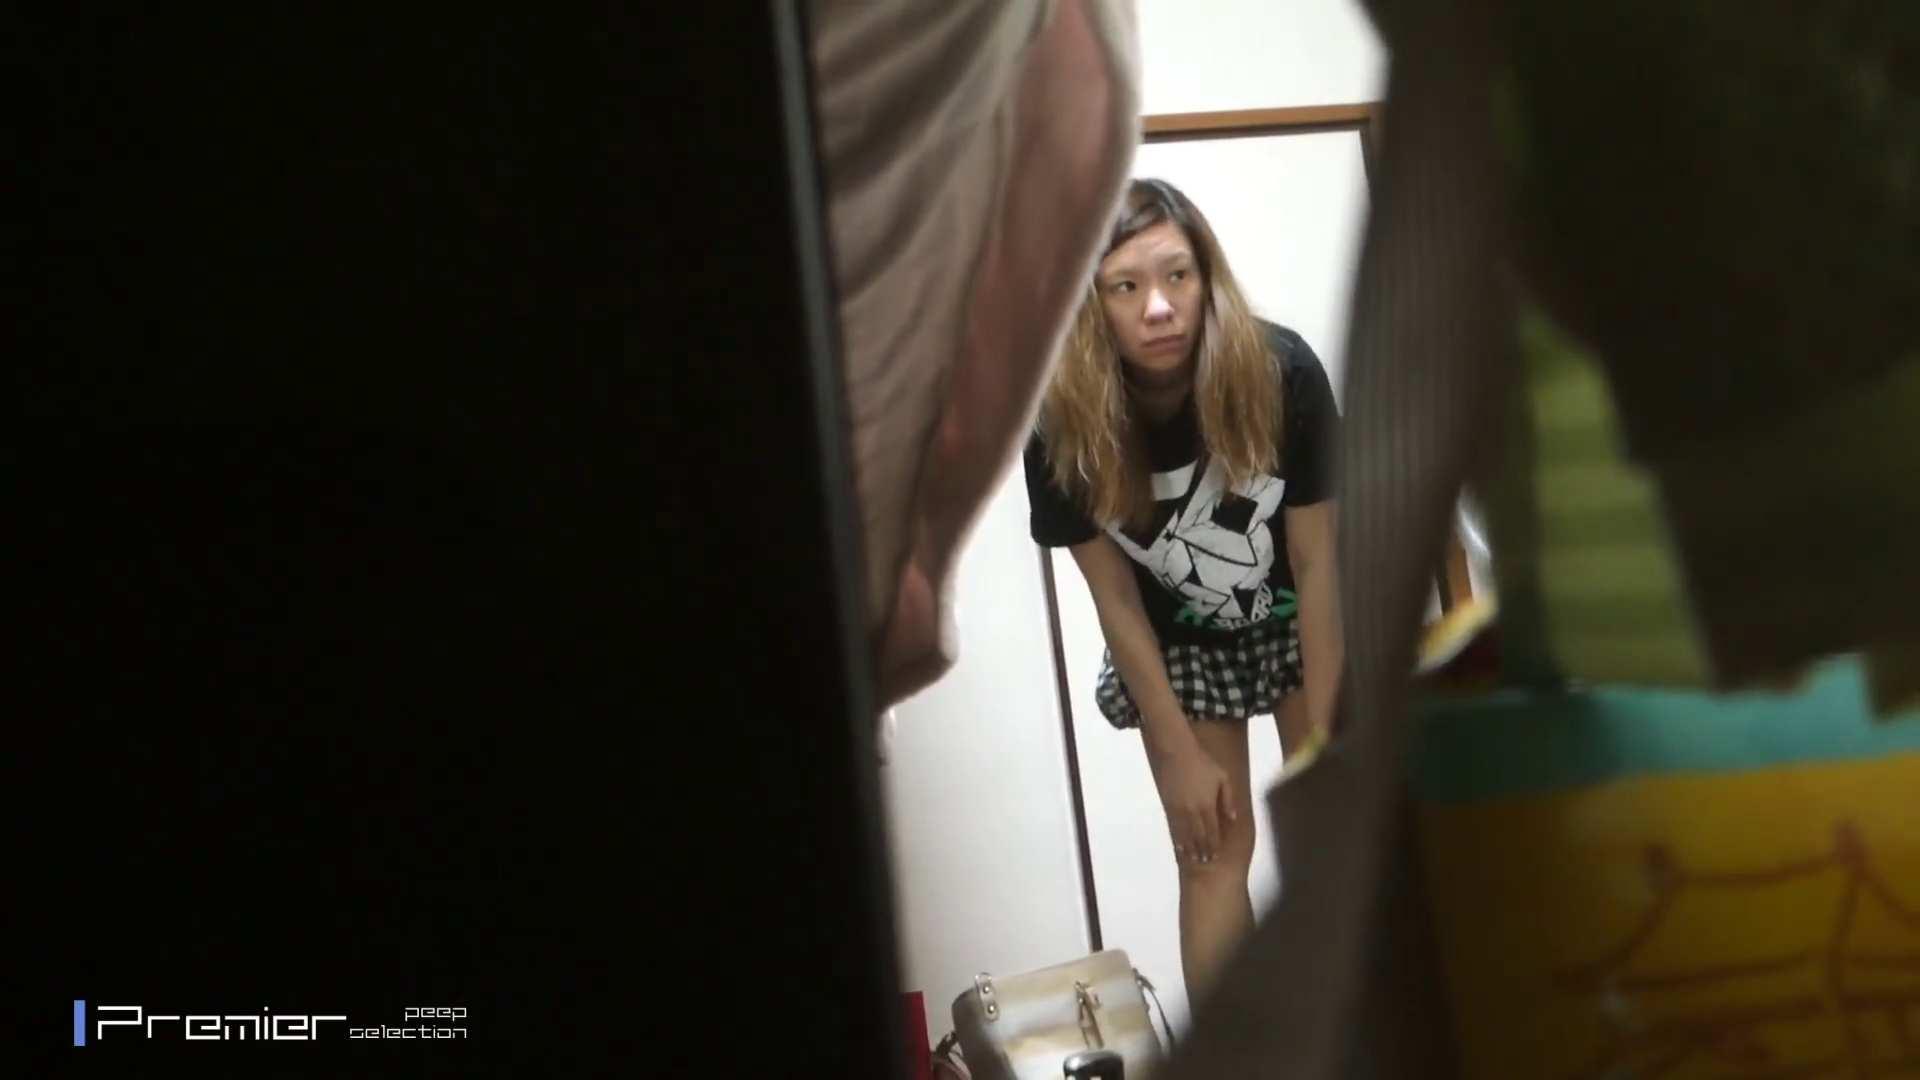 他人には見せられない美女達の恥ずかしい行為  美女達の私生活に潜入! 高画質動画 おまんこ無修正動画無料 37画像 18